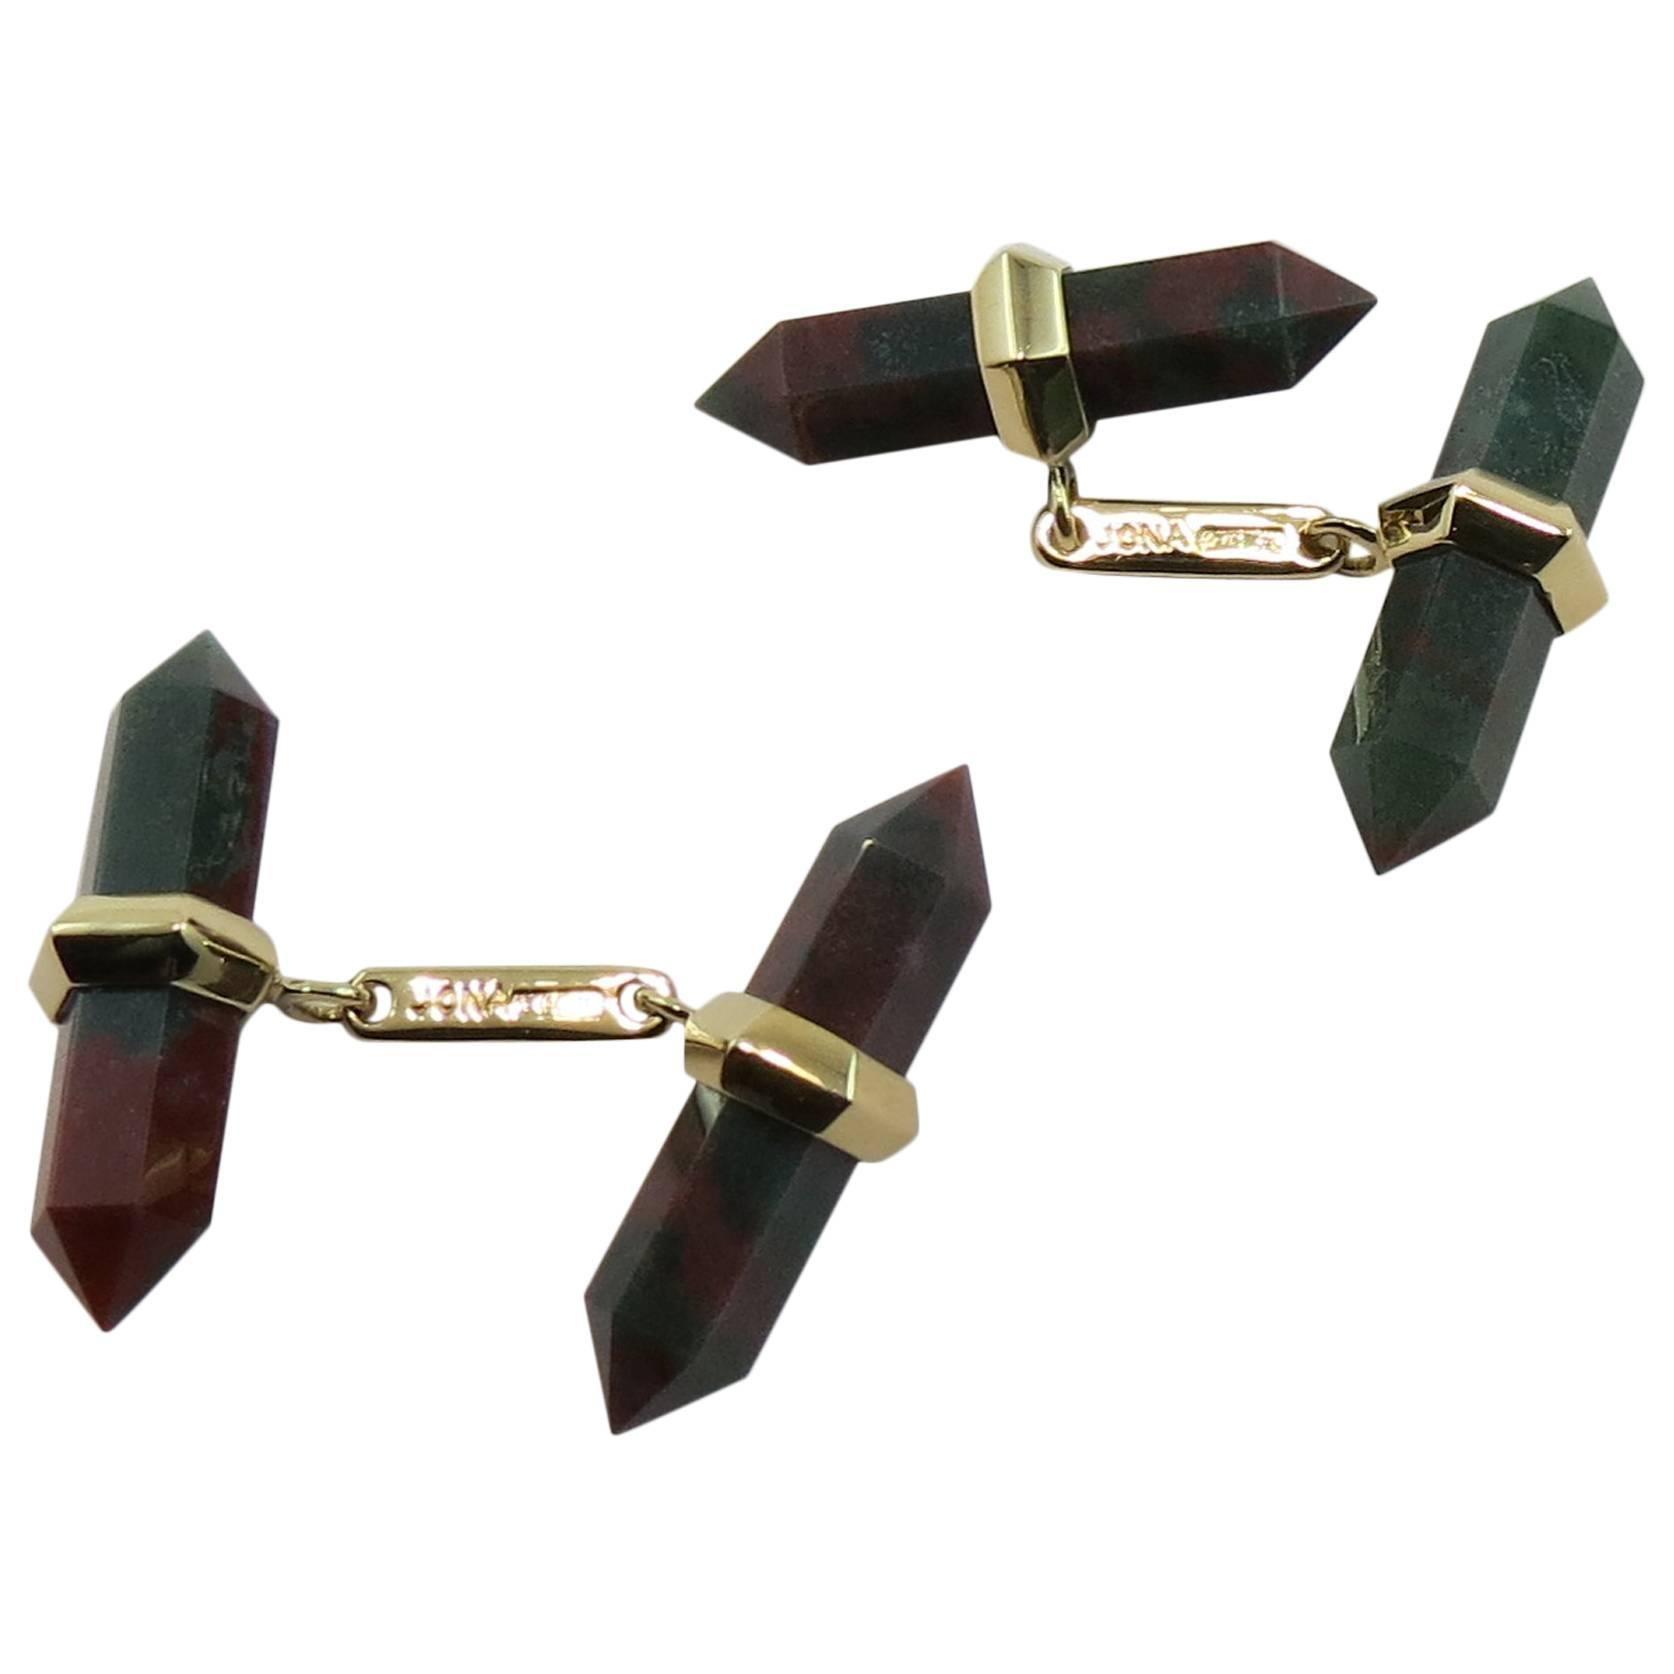 Jona Jasper 18 Karat Yellow Gold Prism Bar Cufflinks